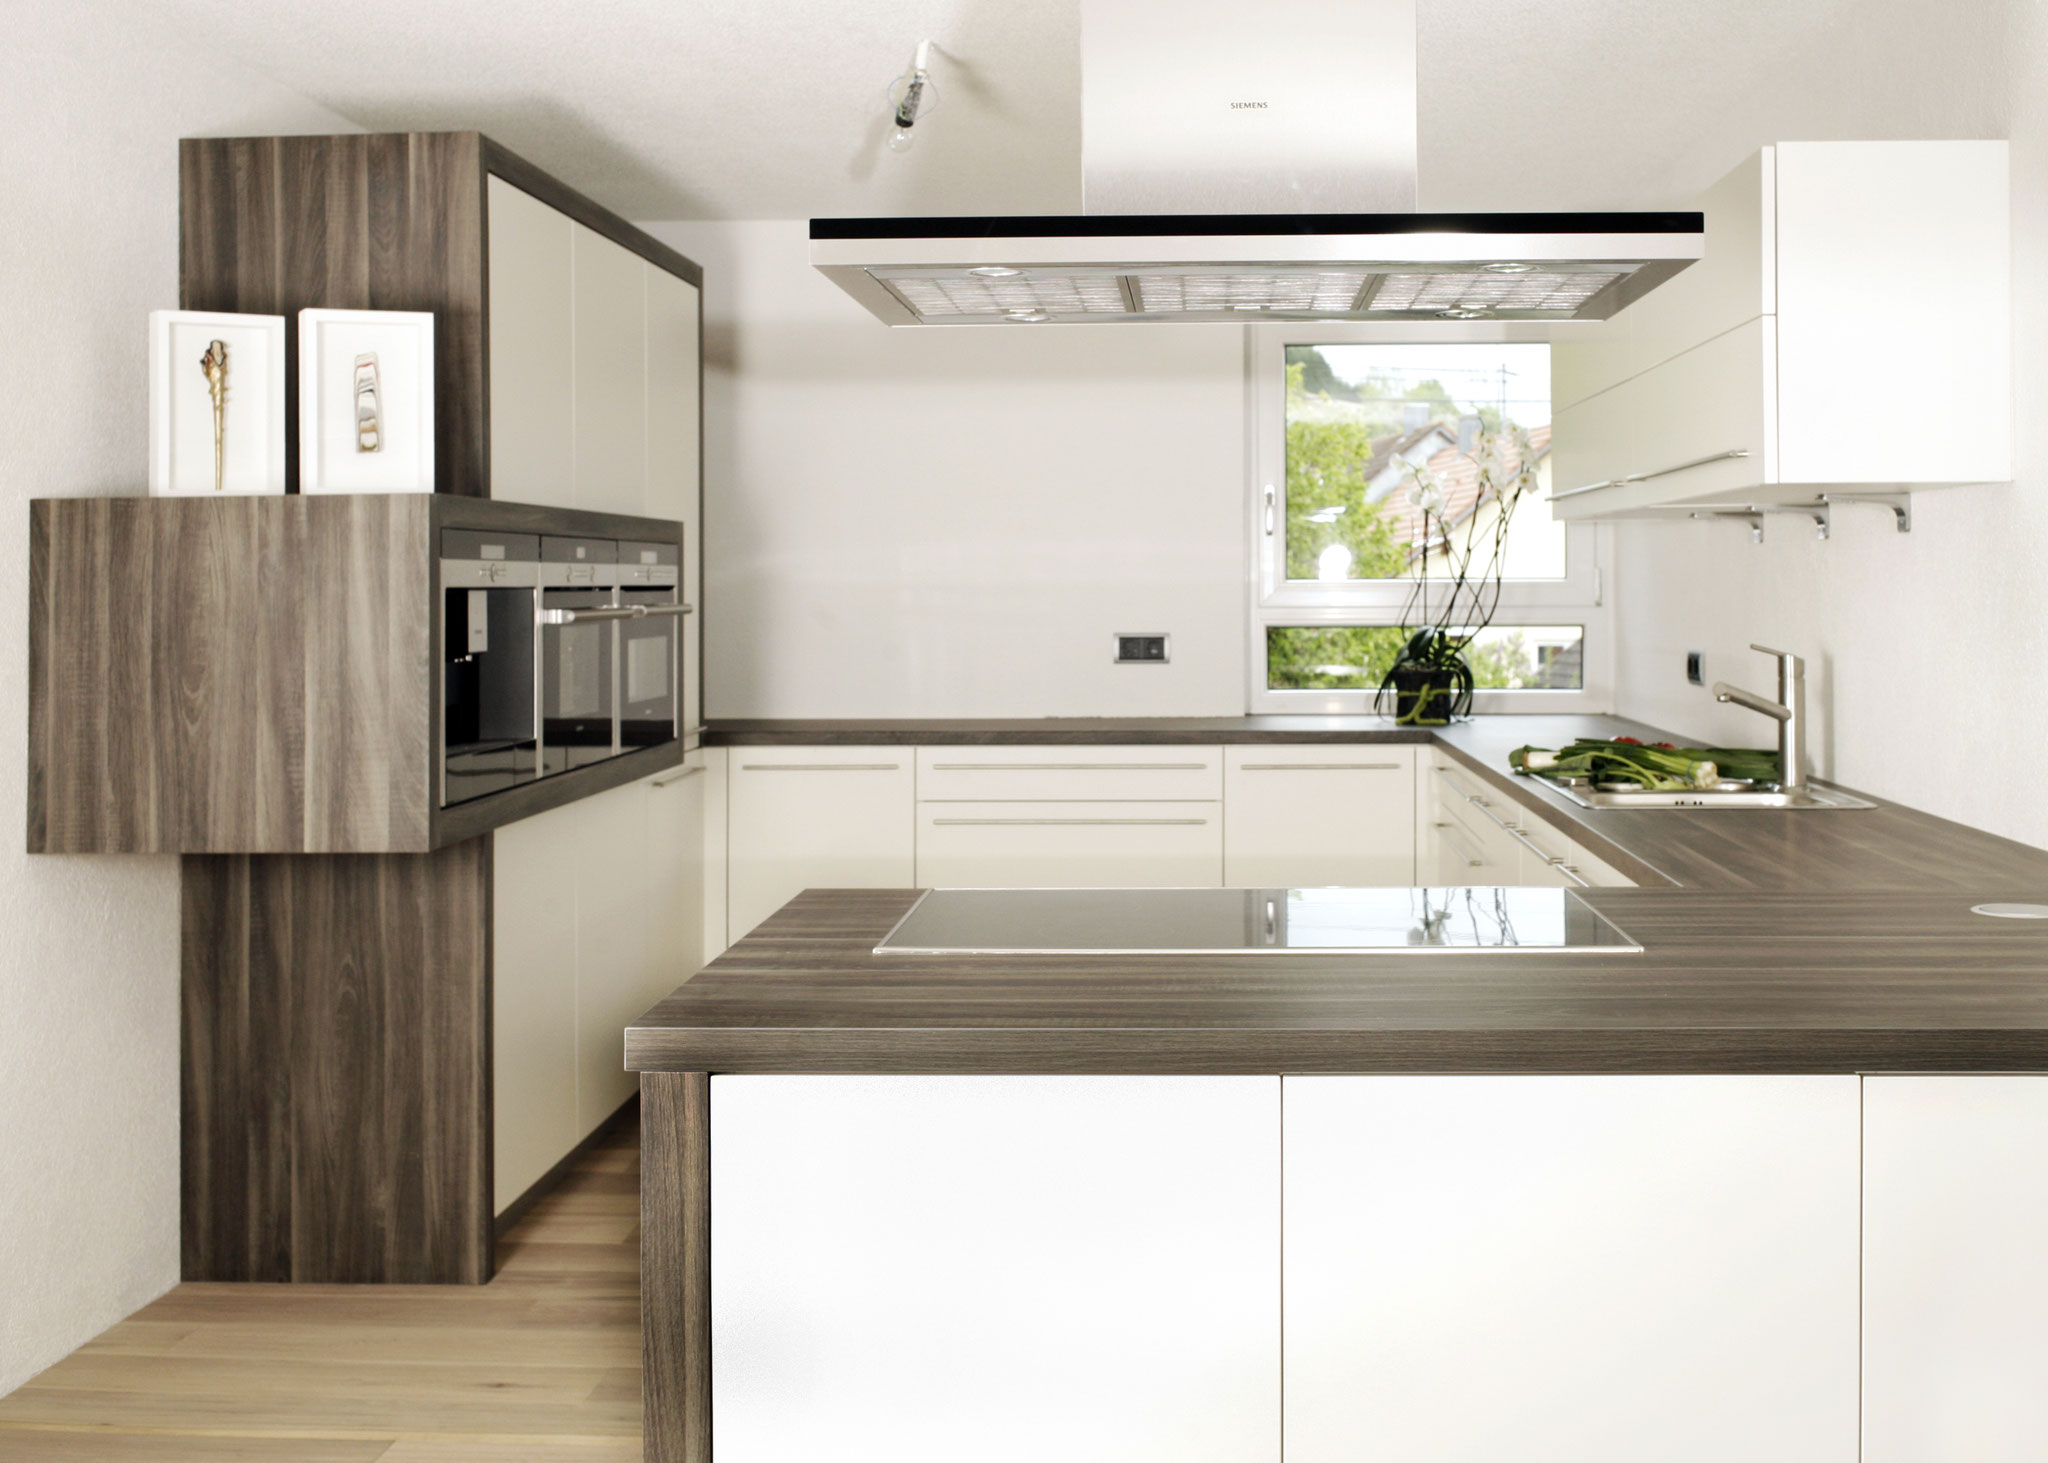 Einbauküche in matt weiß und Holzoptik, mit Geräteblock für Kaffeemaschine, Backofen und Dampfgarer